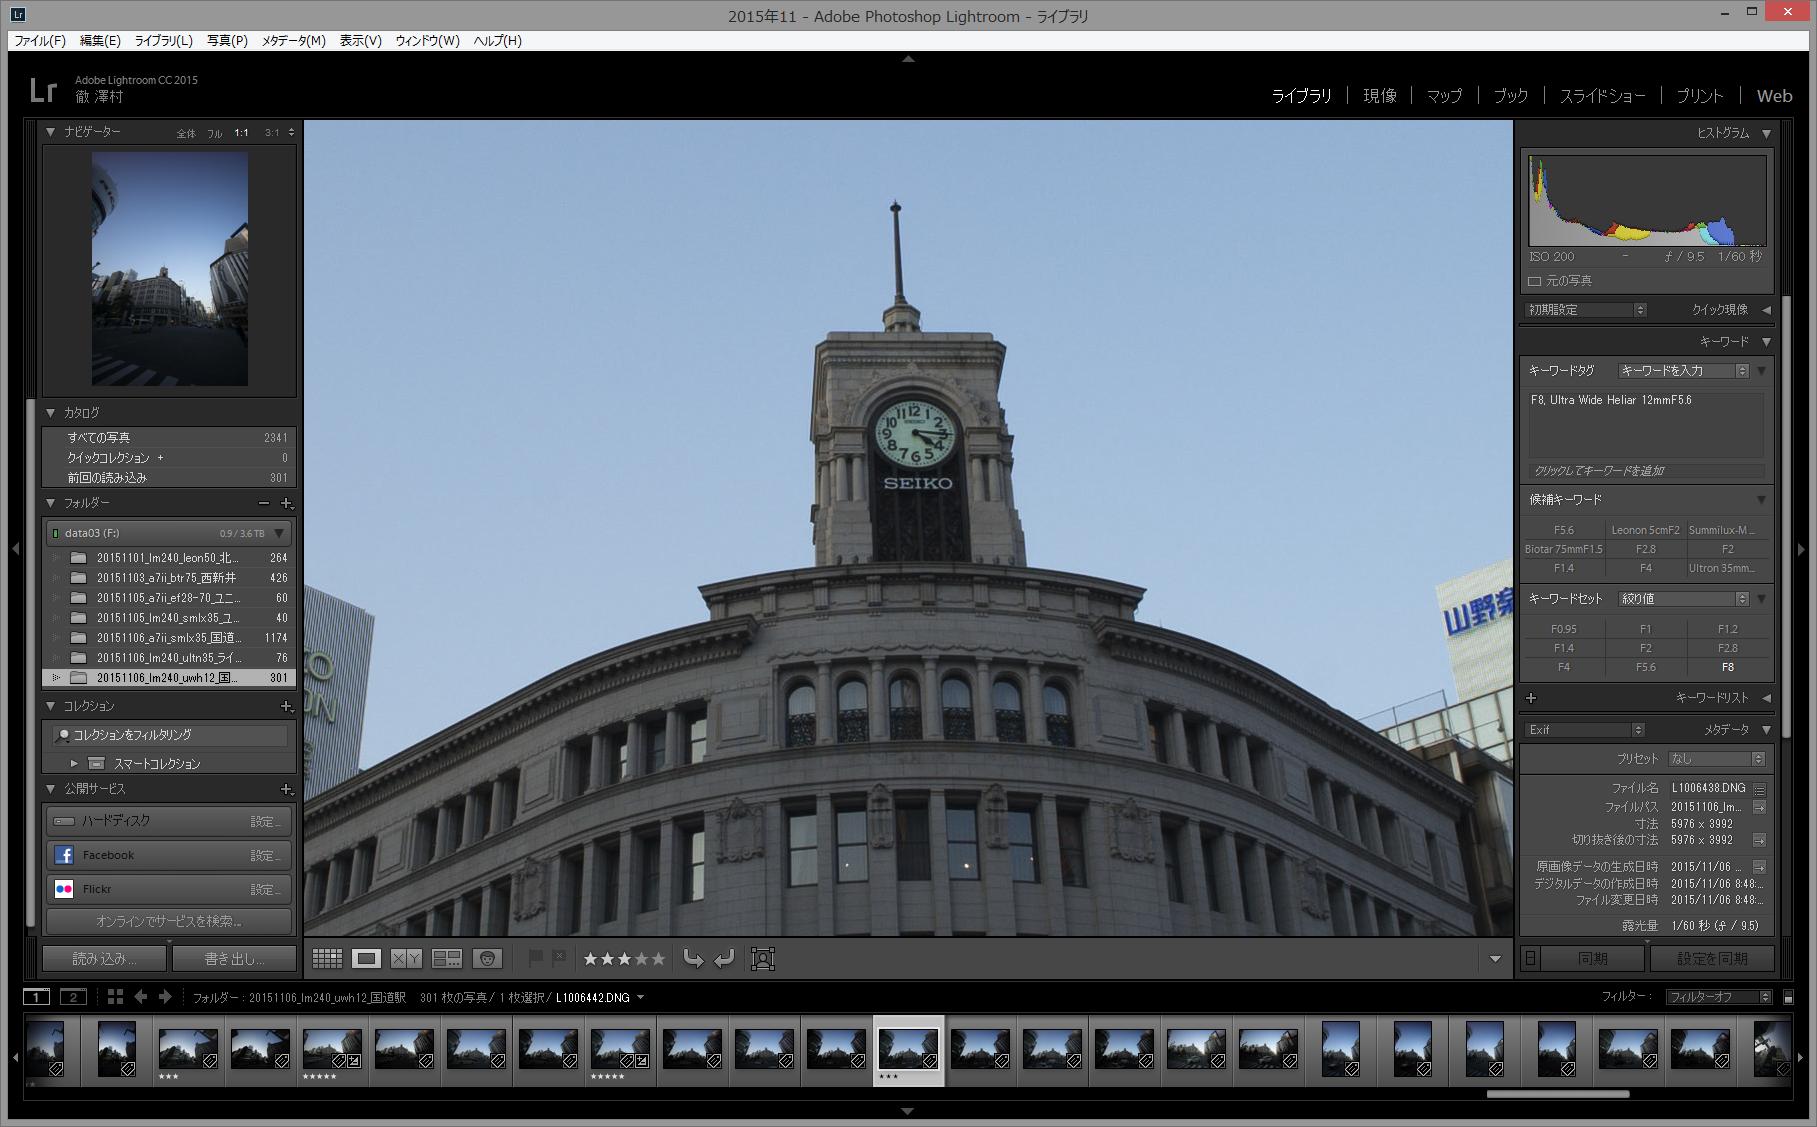 ライブラリモジュールでピクセル等倍にて画像をチェックする。このピクセル等倍表示に切り替える際、低スペックなマシンだとプレビュー画像生成に時間を要する